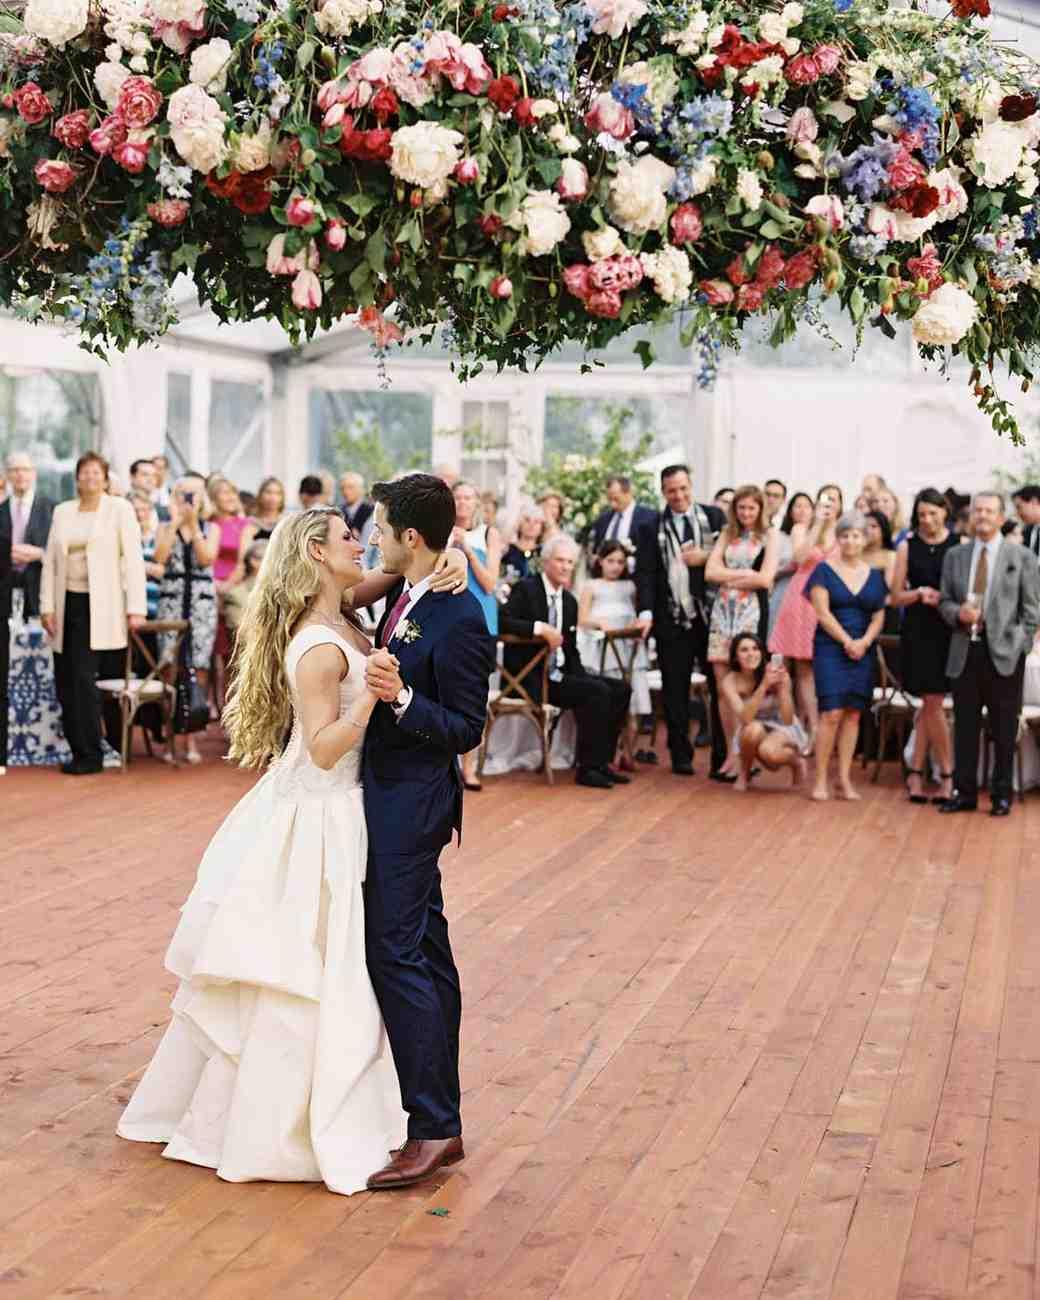 nikki-kiff-wedding-firstdance-004737015-s112766-0316.jpg